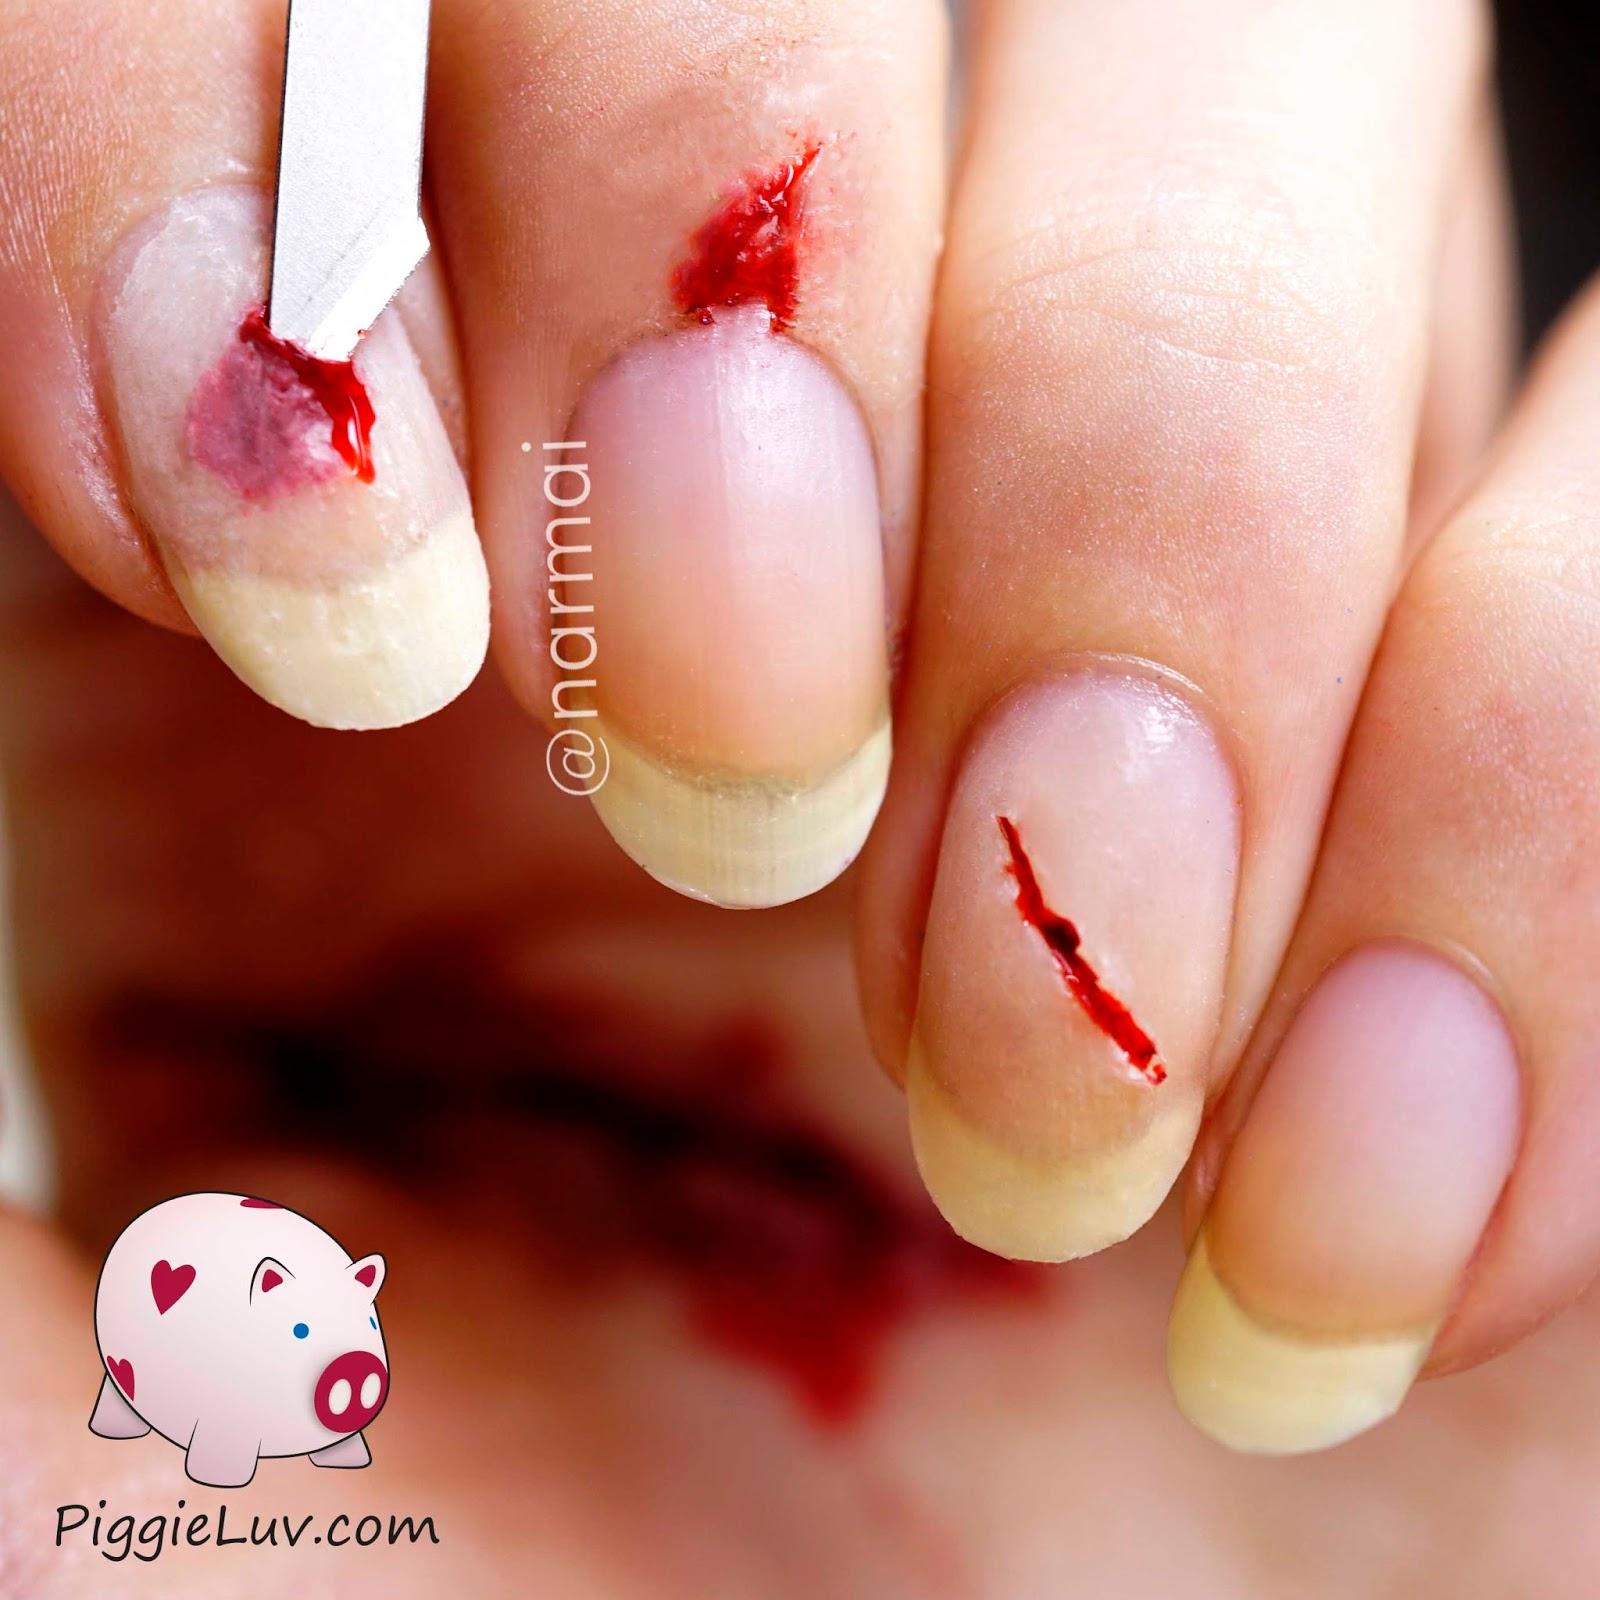 Bloody razor cuts